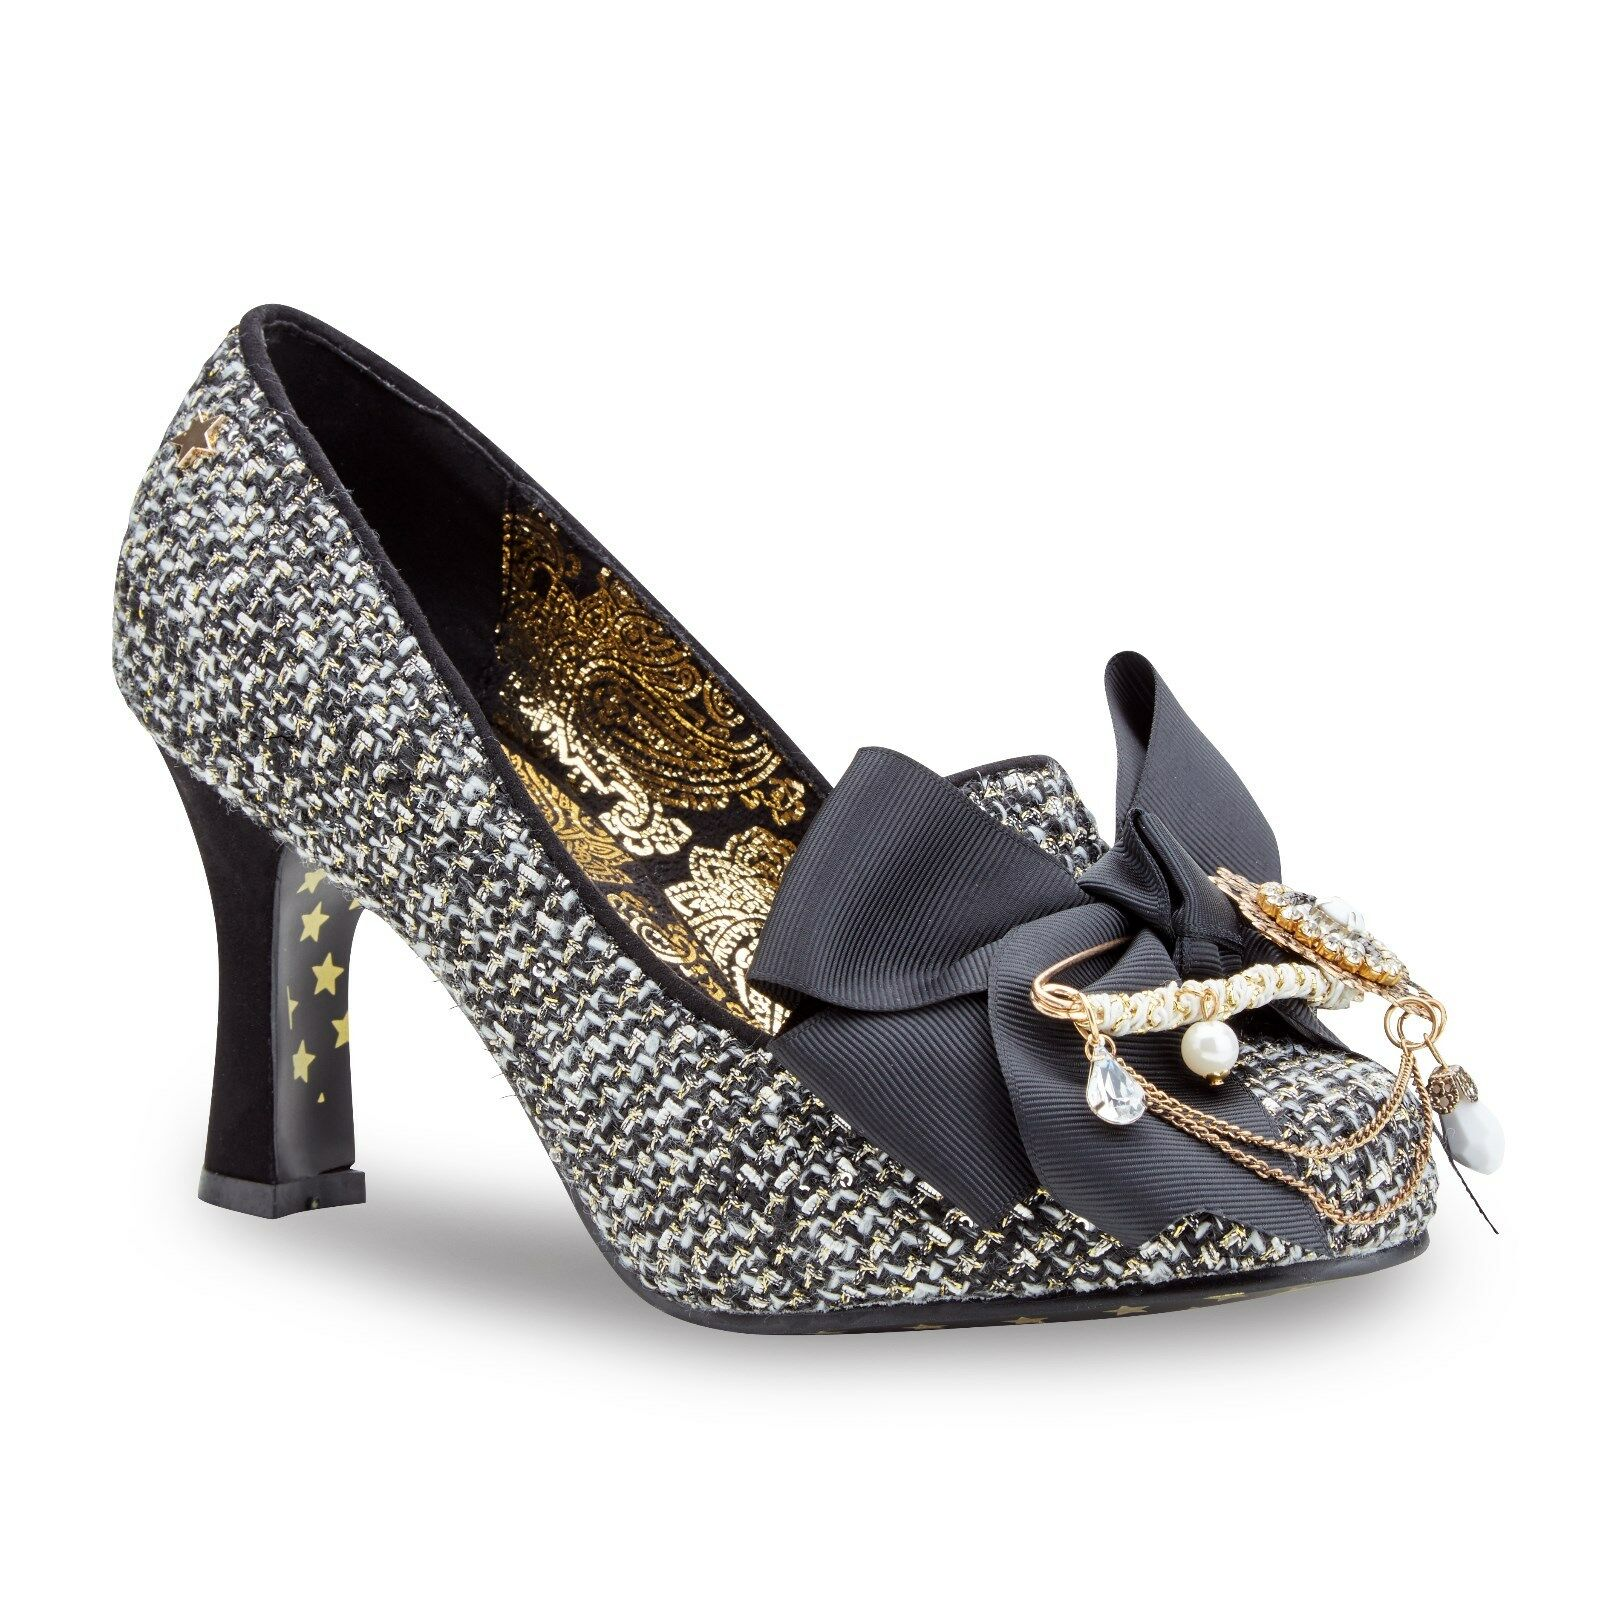 Ladies Joe Browns Couture Regal Retro Shoe Boots Vintage Quirky Retro Regal Sizes 4-8 9072be